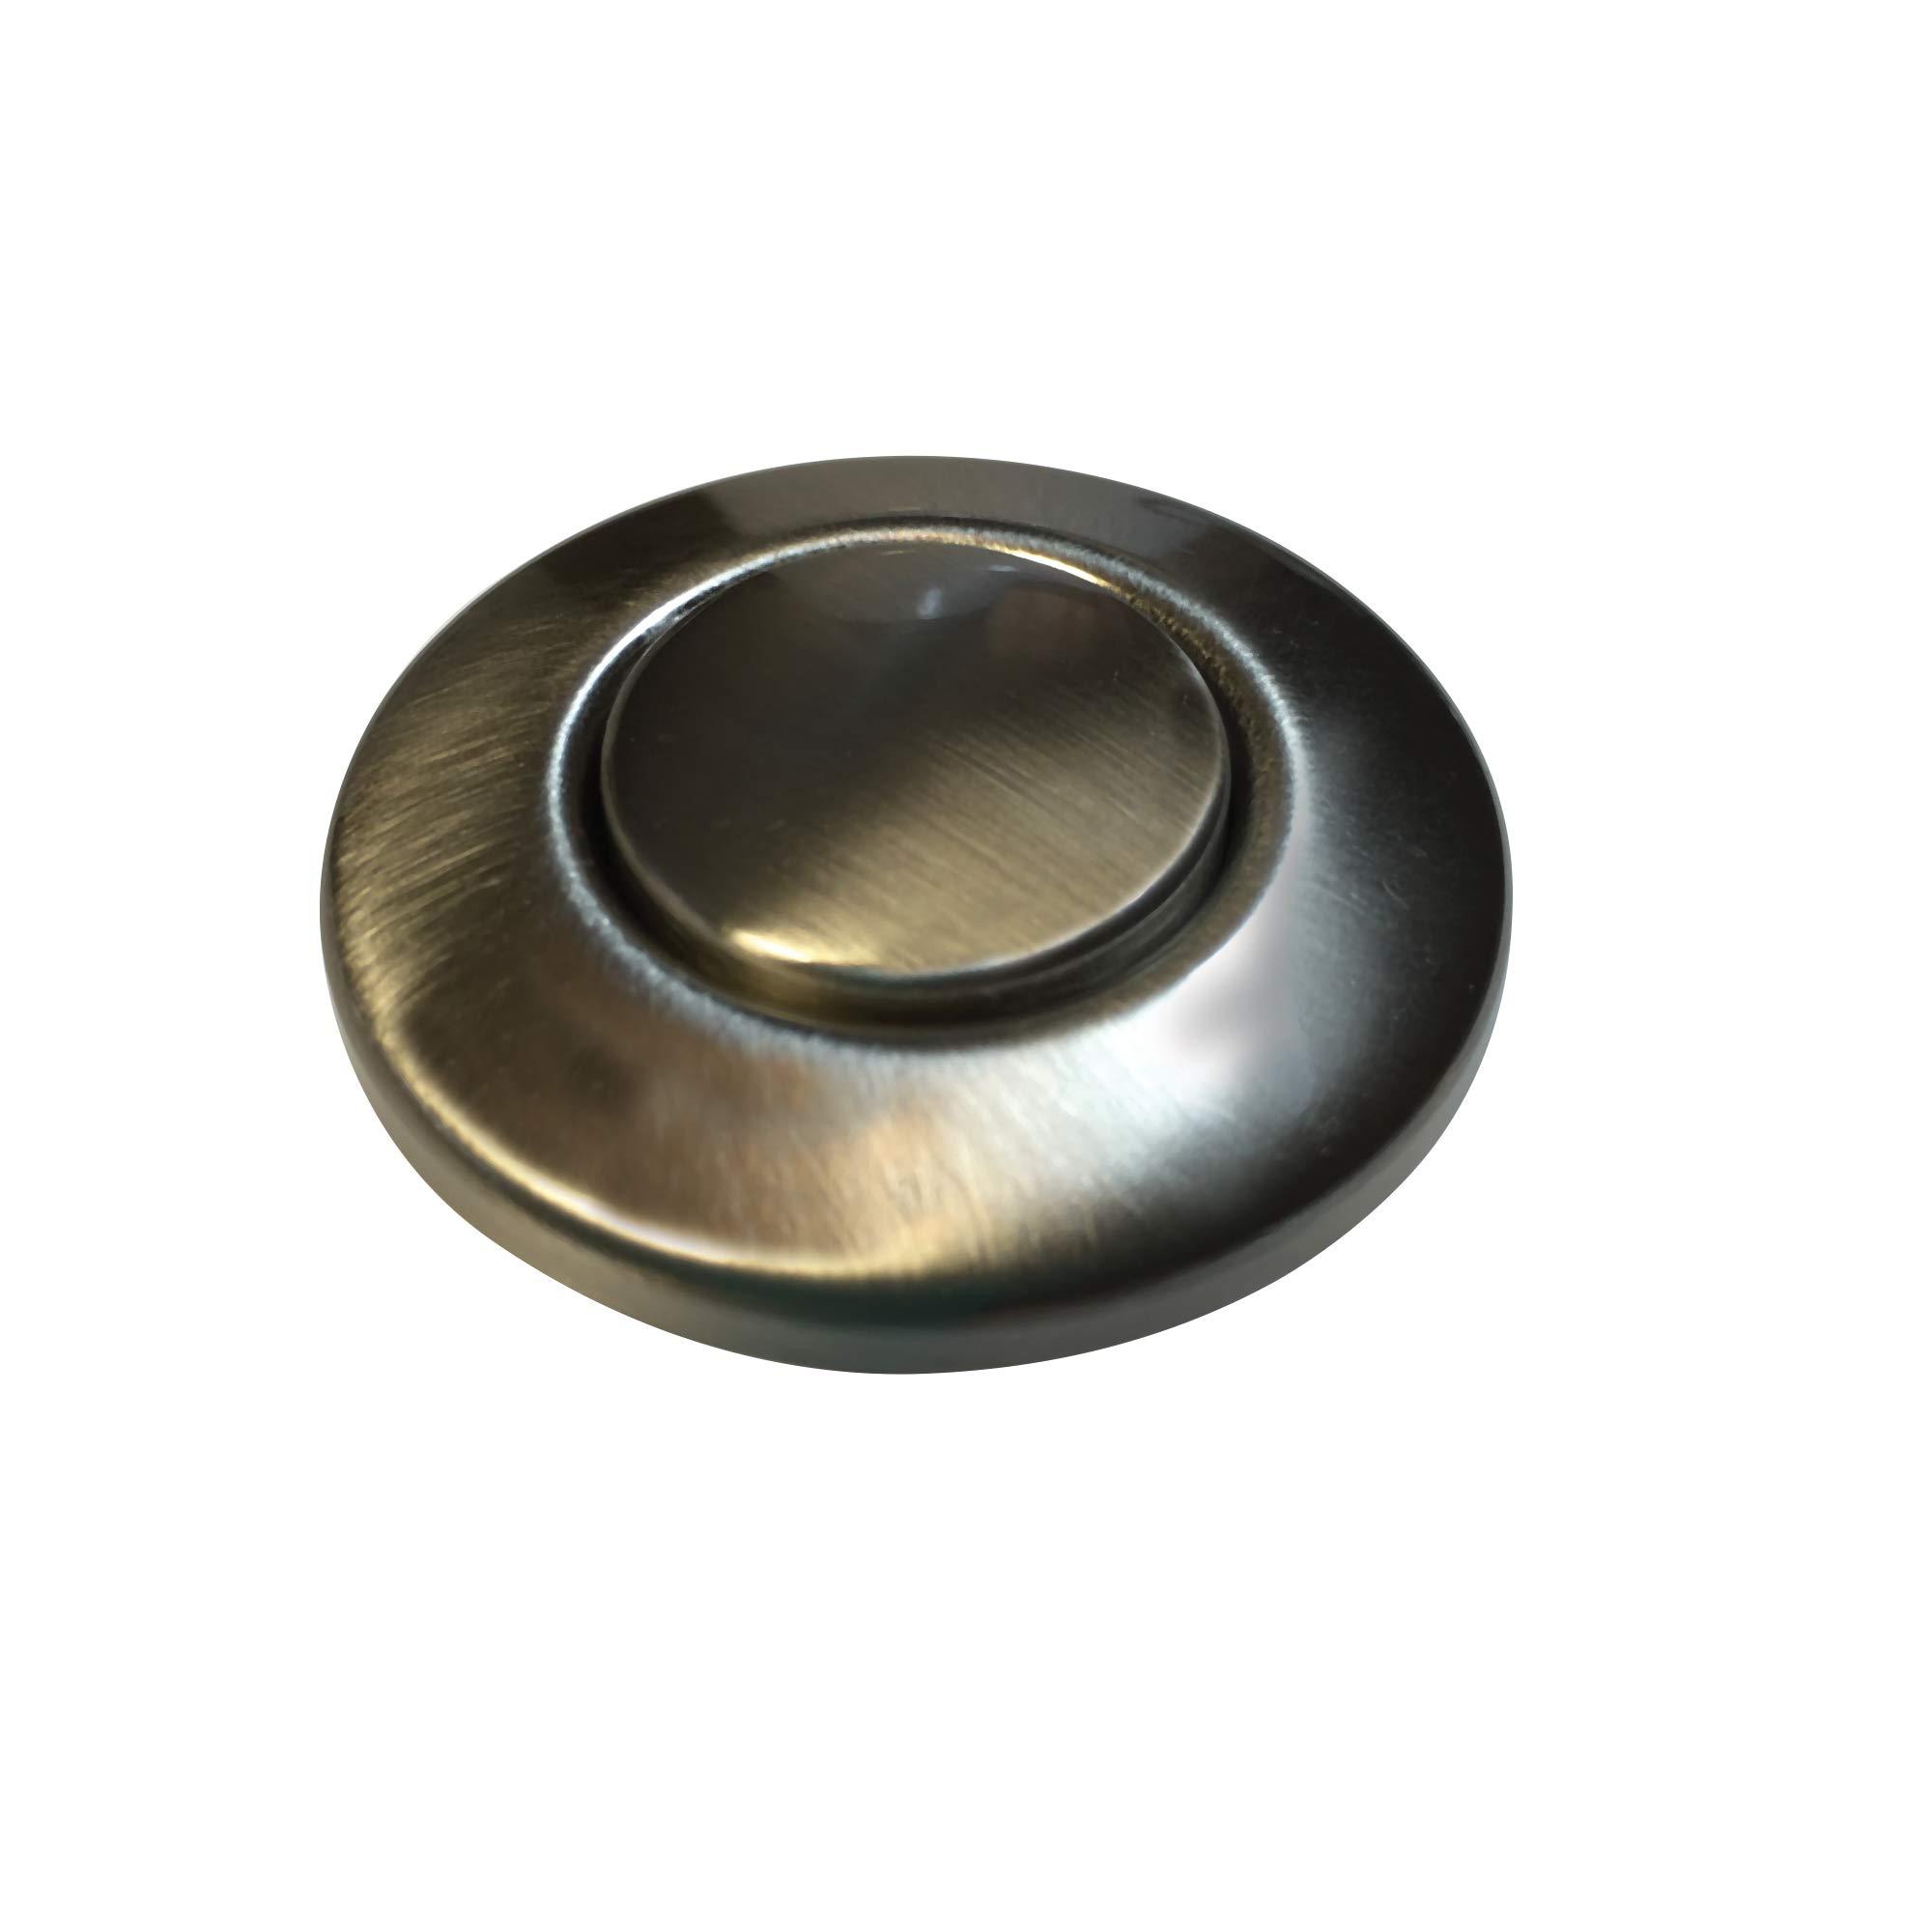 Waste King Garbage Disposal Air Switch Button, Satin Nickel - AS-4201-SN